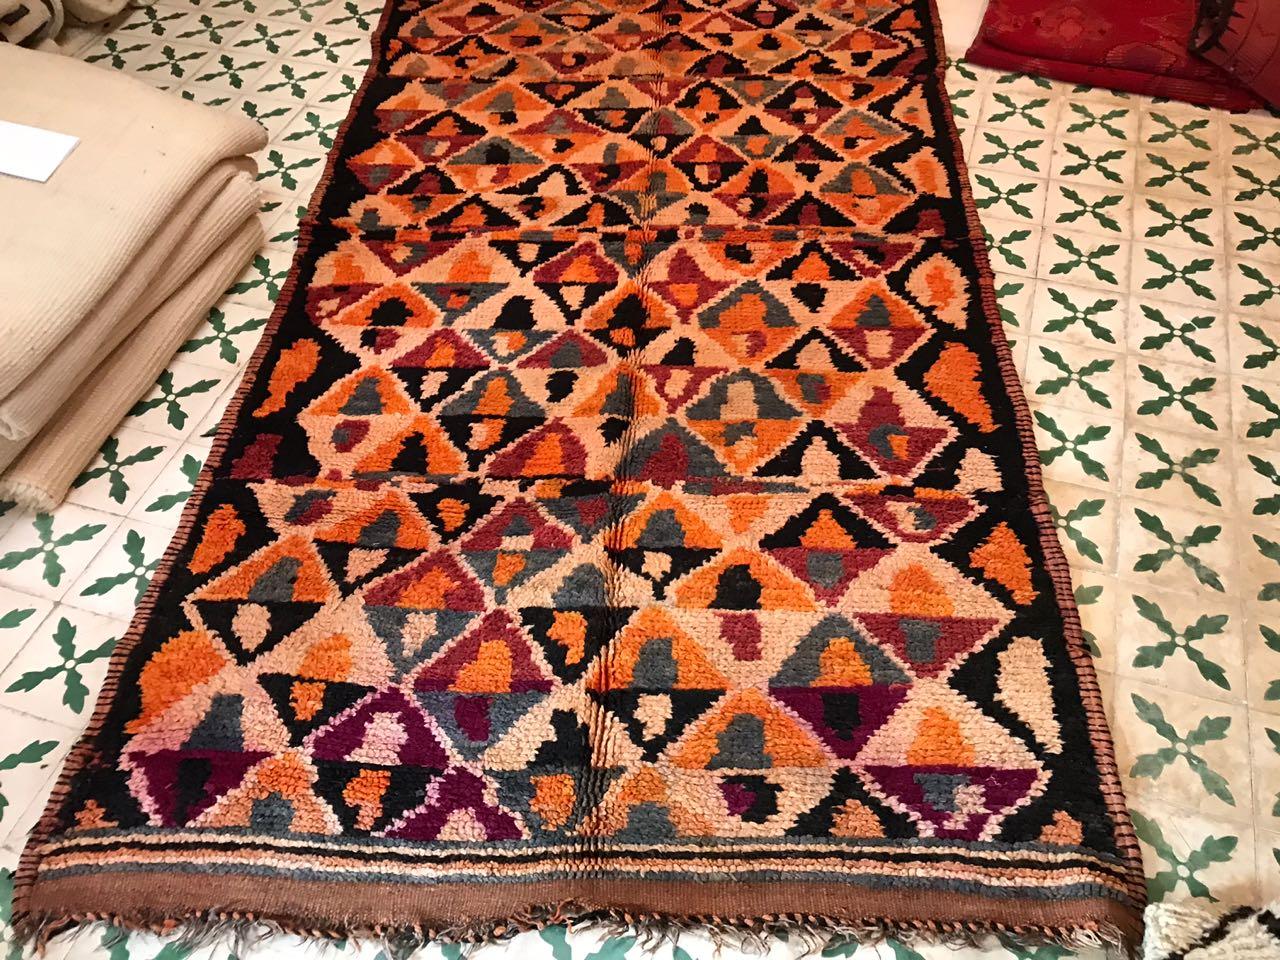 vintage berber rugs wholesale NTAIMWT